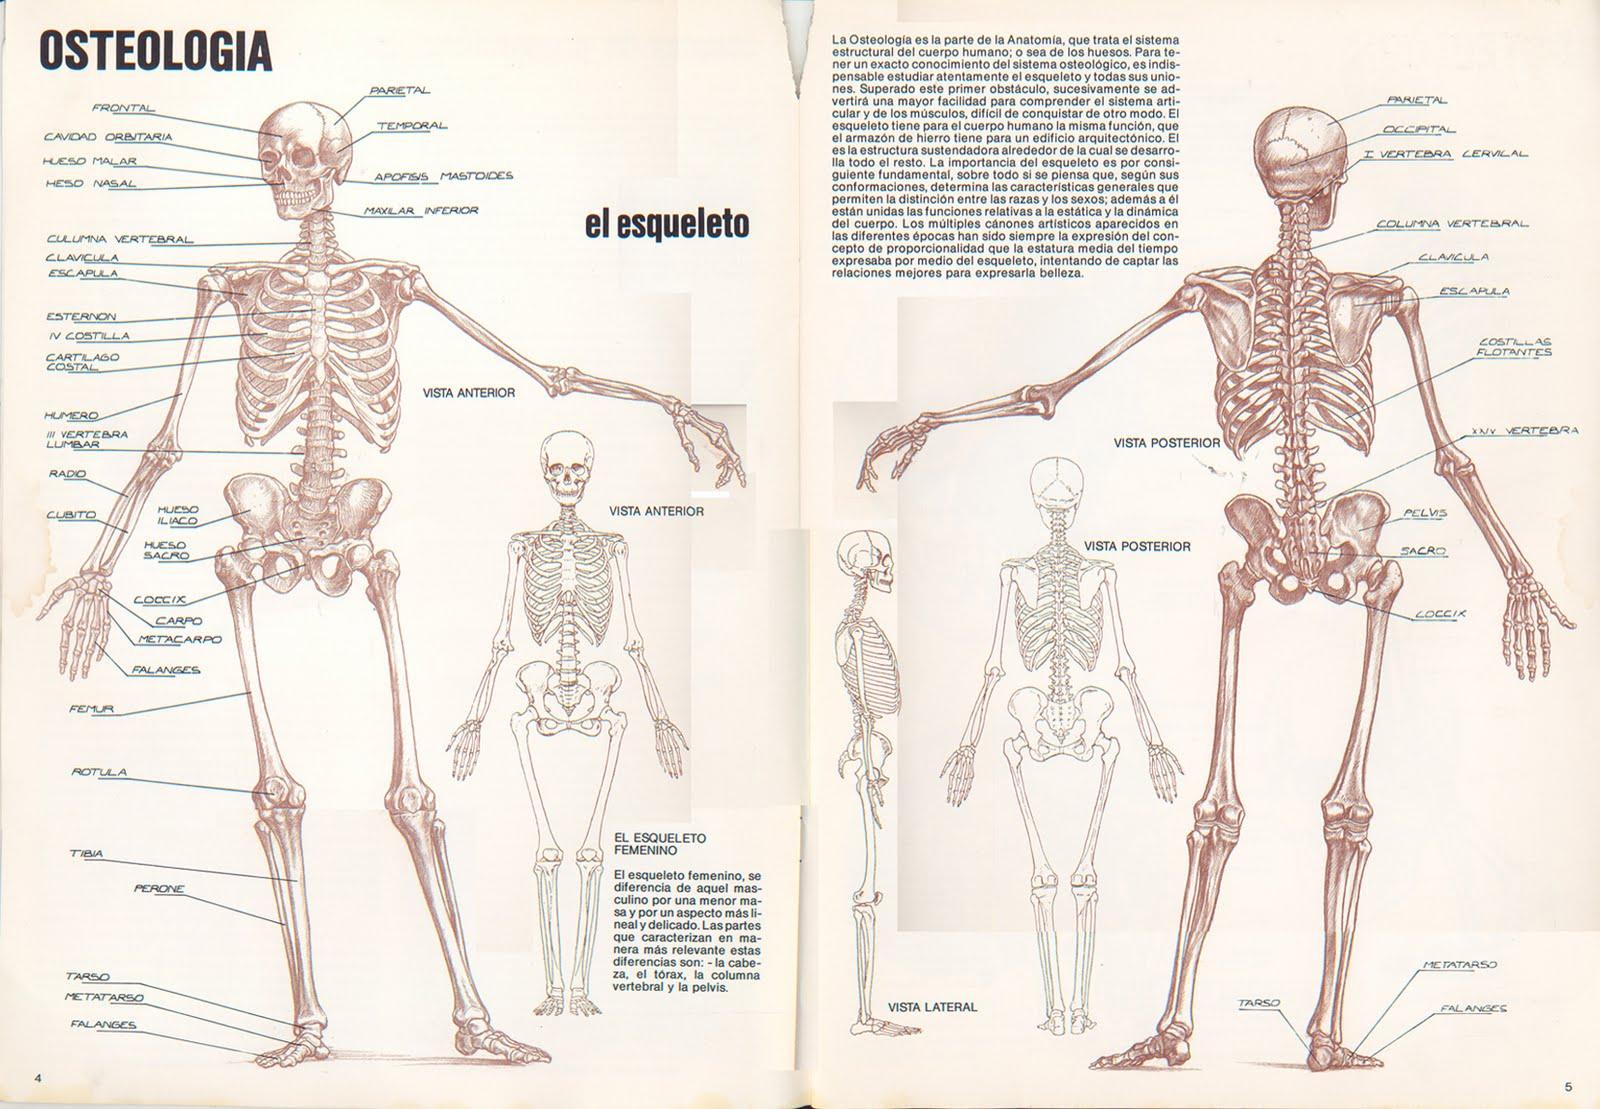 Único Estructura ósea Humana Embellecimiento - Anatomía de Las ...